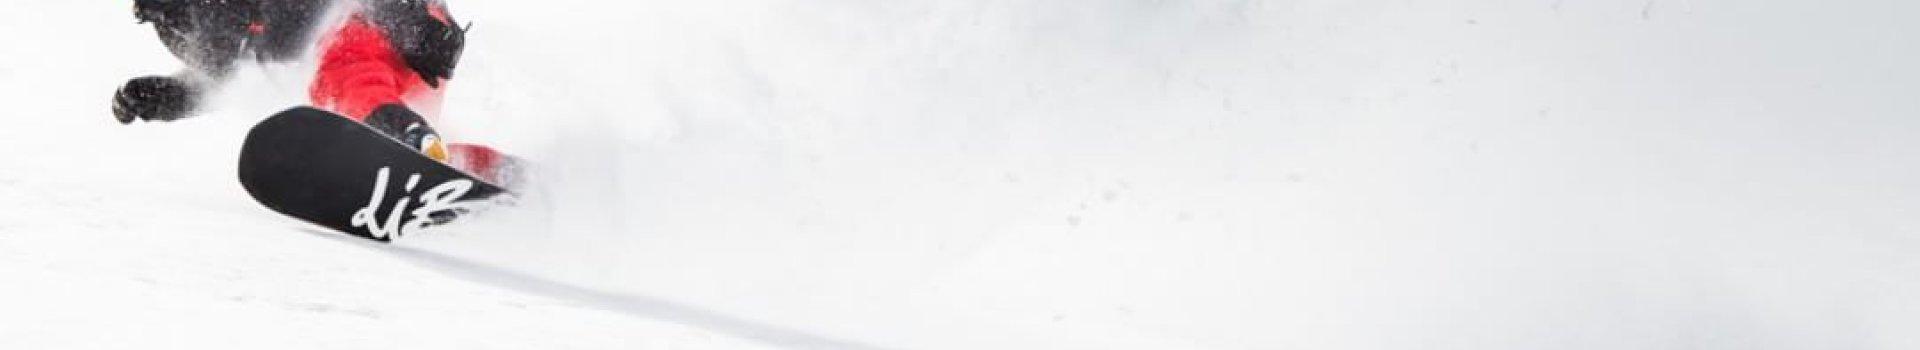 Magne-traction, znakomicie dopracowane i wykonane ręcznie - Lib Tech najlepsze deski snoboardowe!